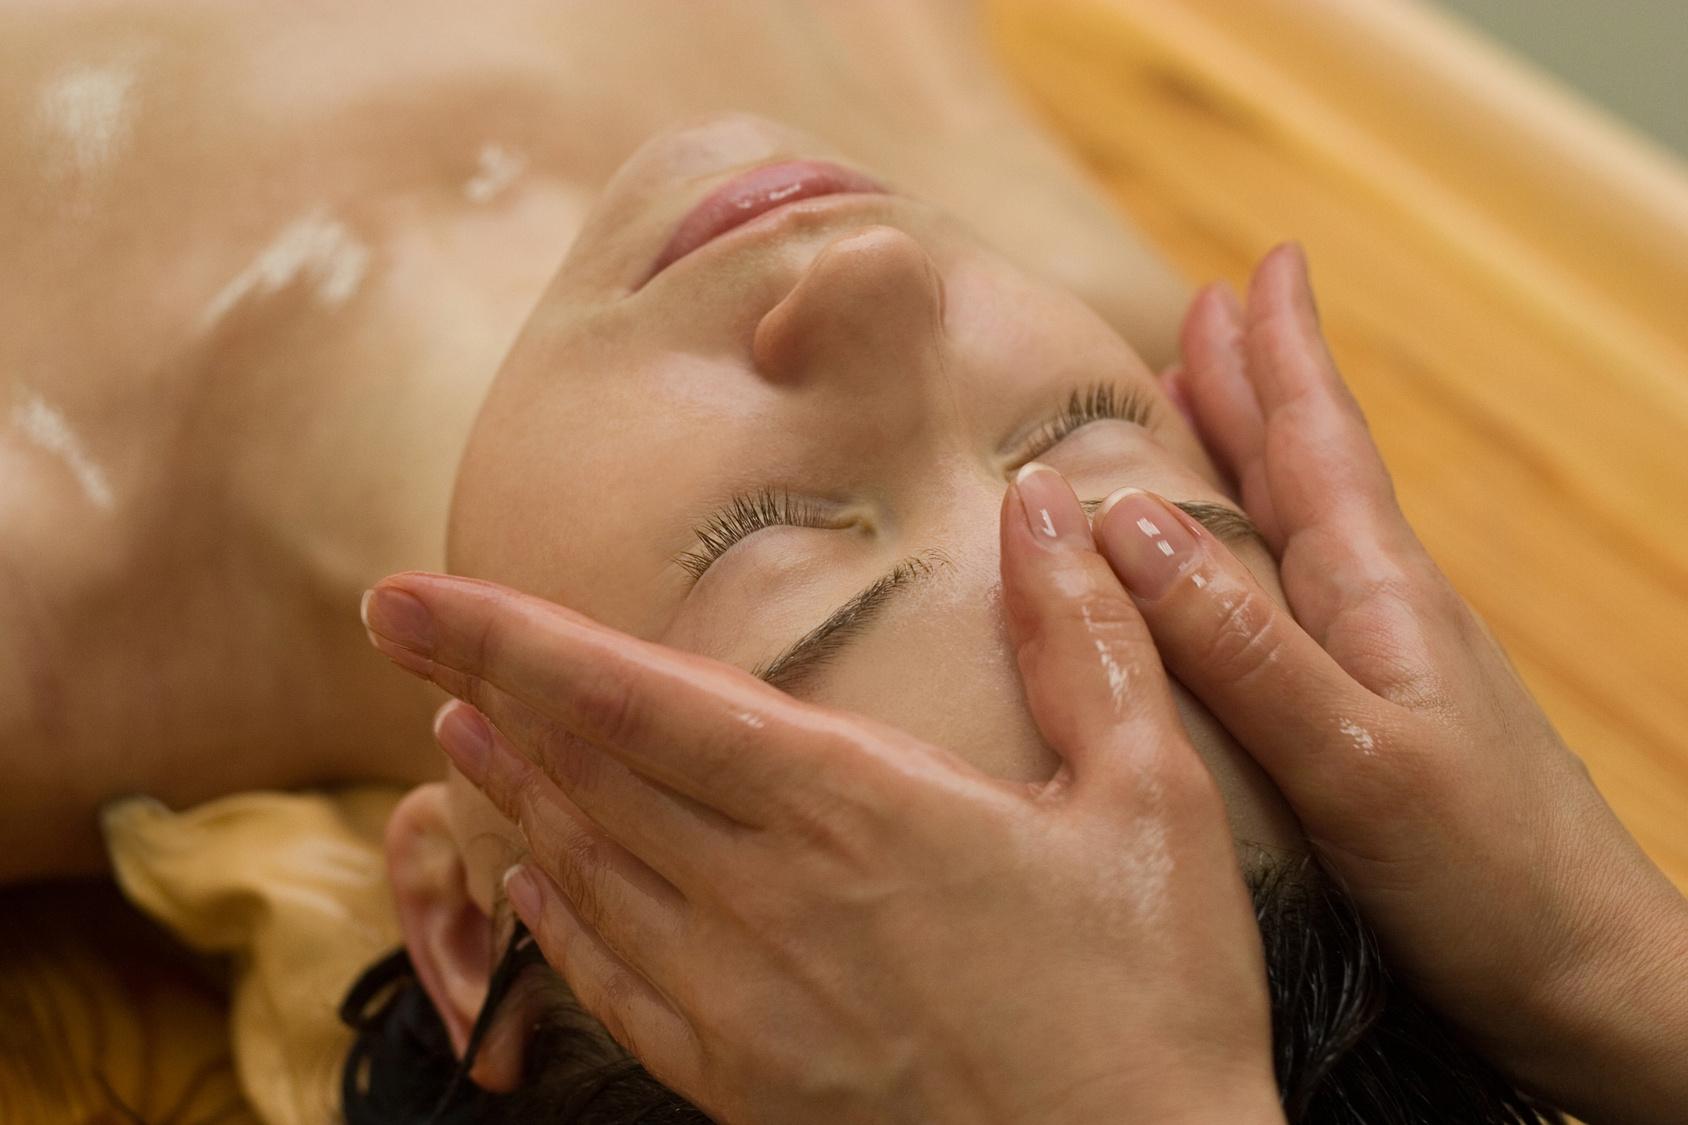 Die ausgleichende, entspannende, mobilisierende Massage